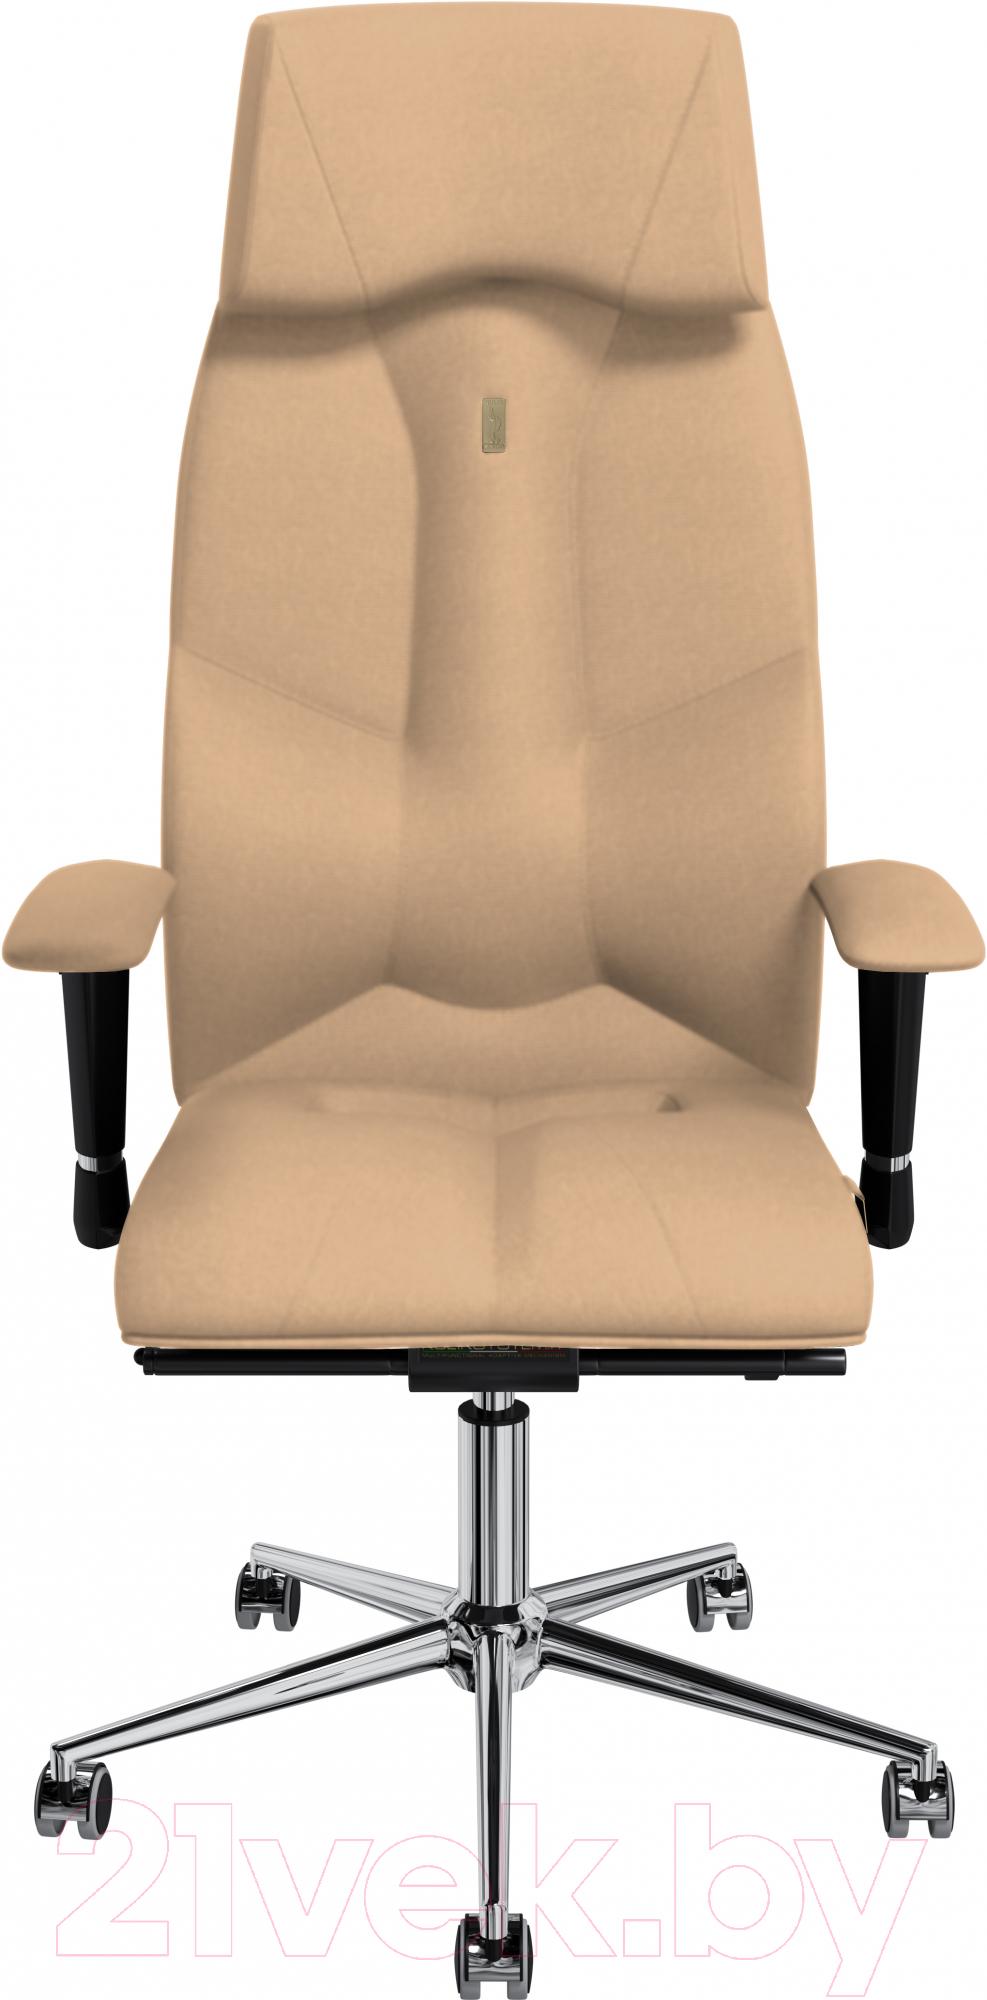 Купить Кресло офисное Kulik System, Business кожа натуральная (бежевый с подголовником), Украина, Business (Kulik System)